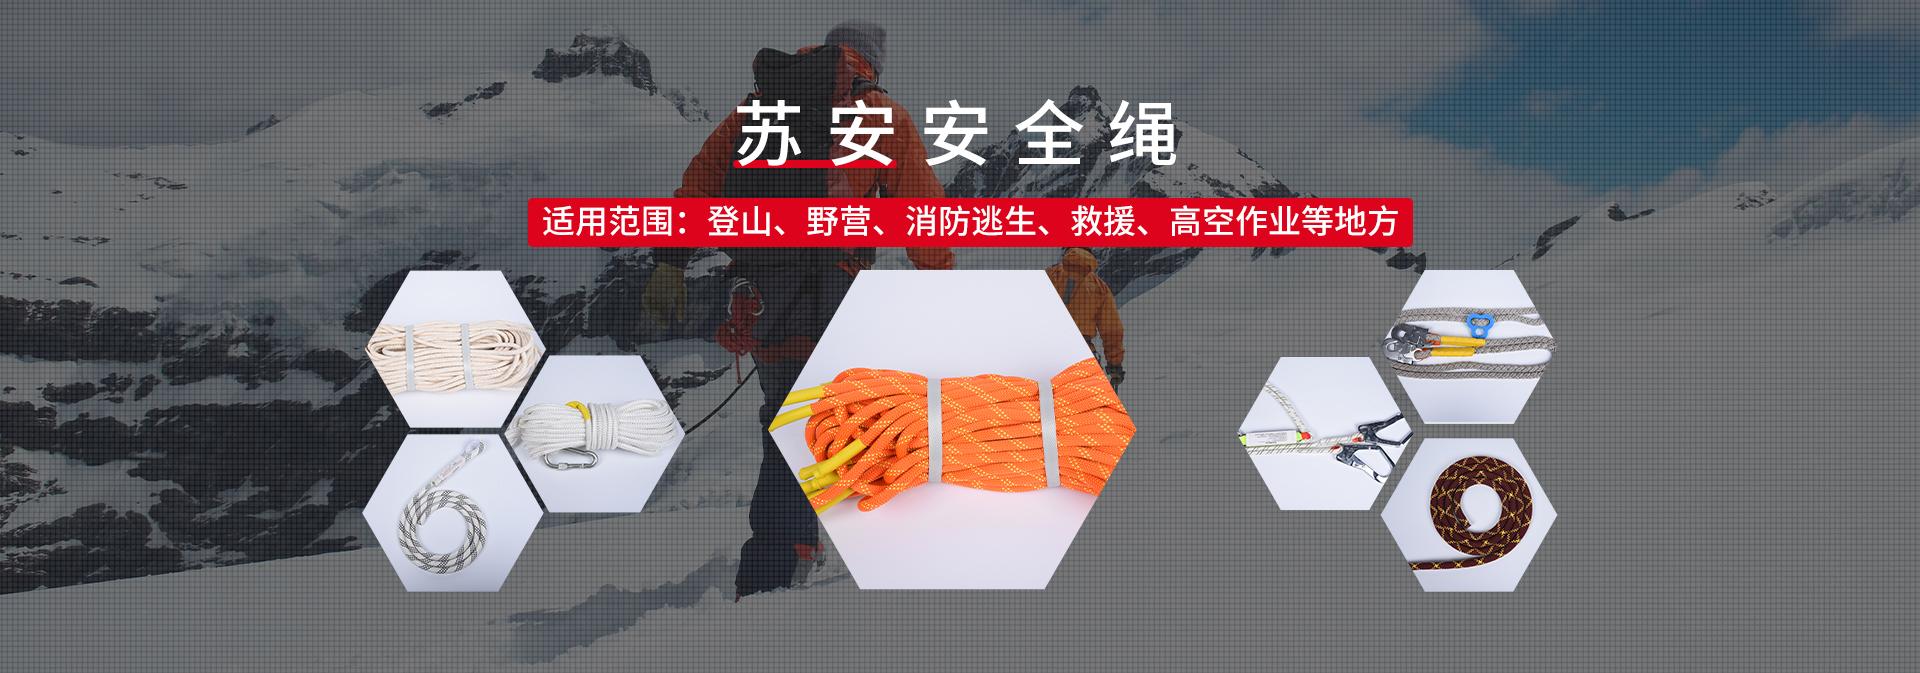 江苏苏安安防科技有限公司